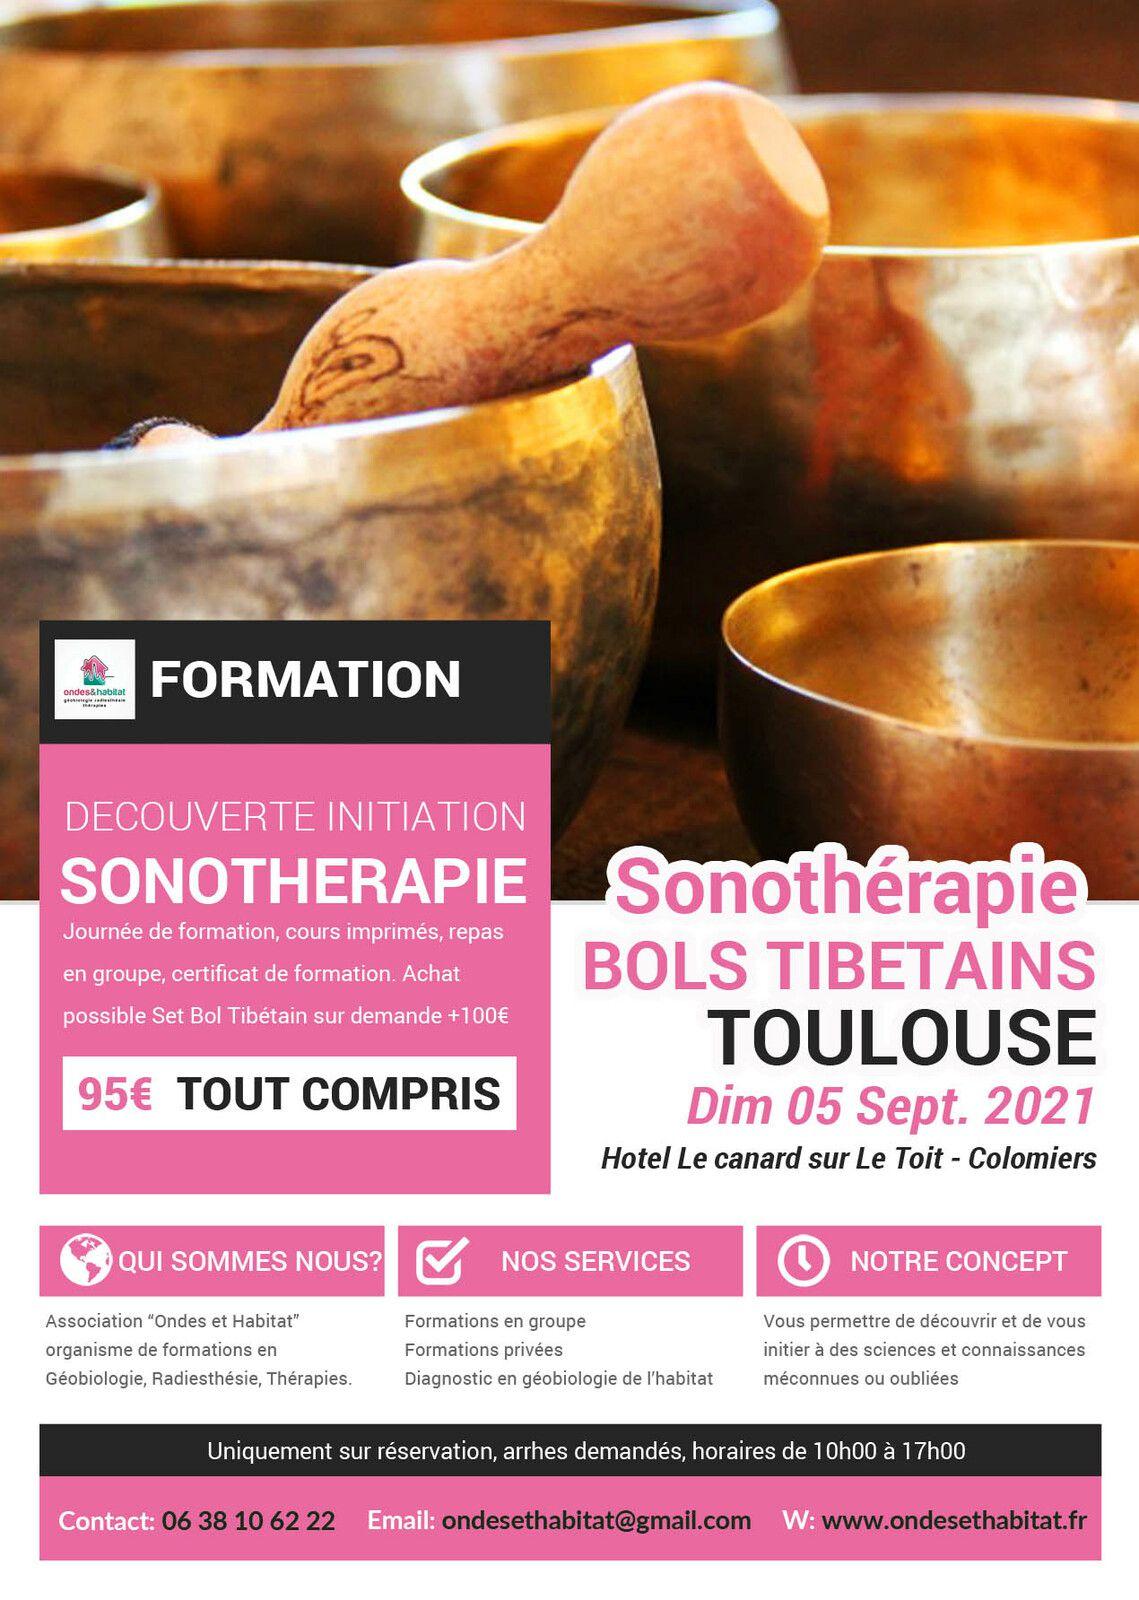 """TOULOUSE-Formation Sonotherapie """"BOLS TIBETAINS, utilisation CORPS et CHAKRAS"""" Dimanche 05 Septembre 2021"""